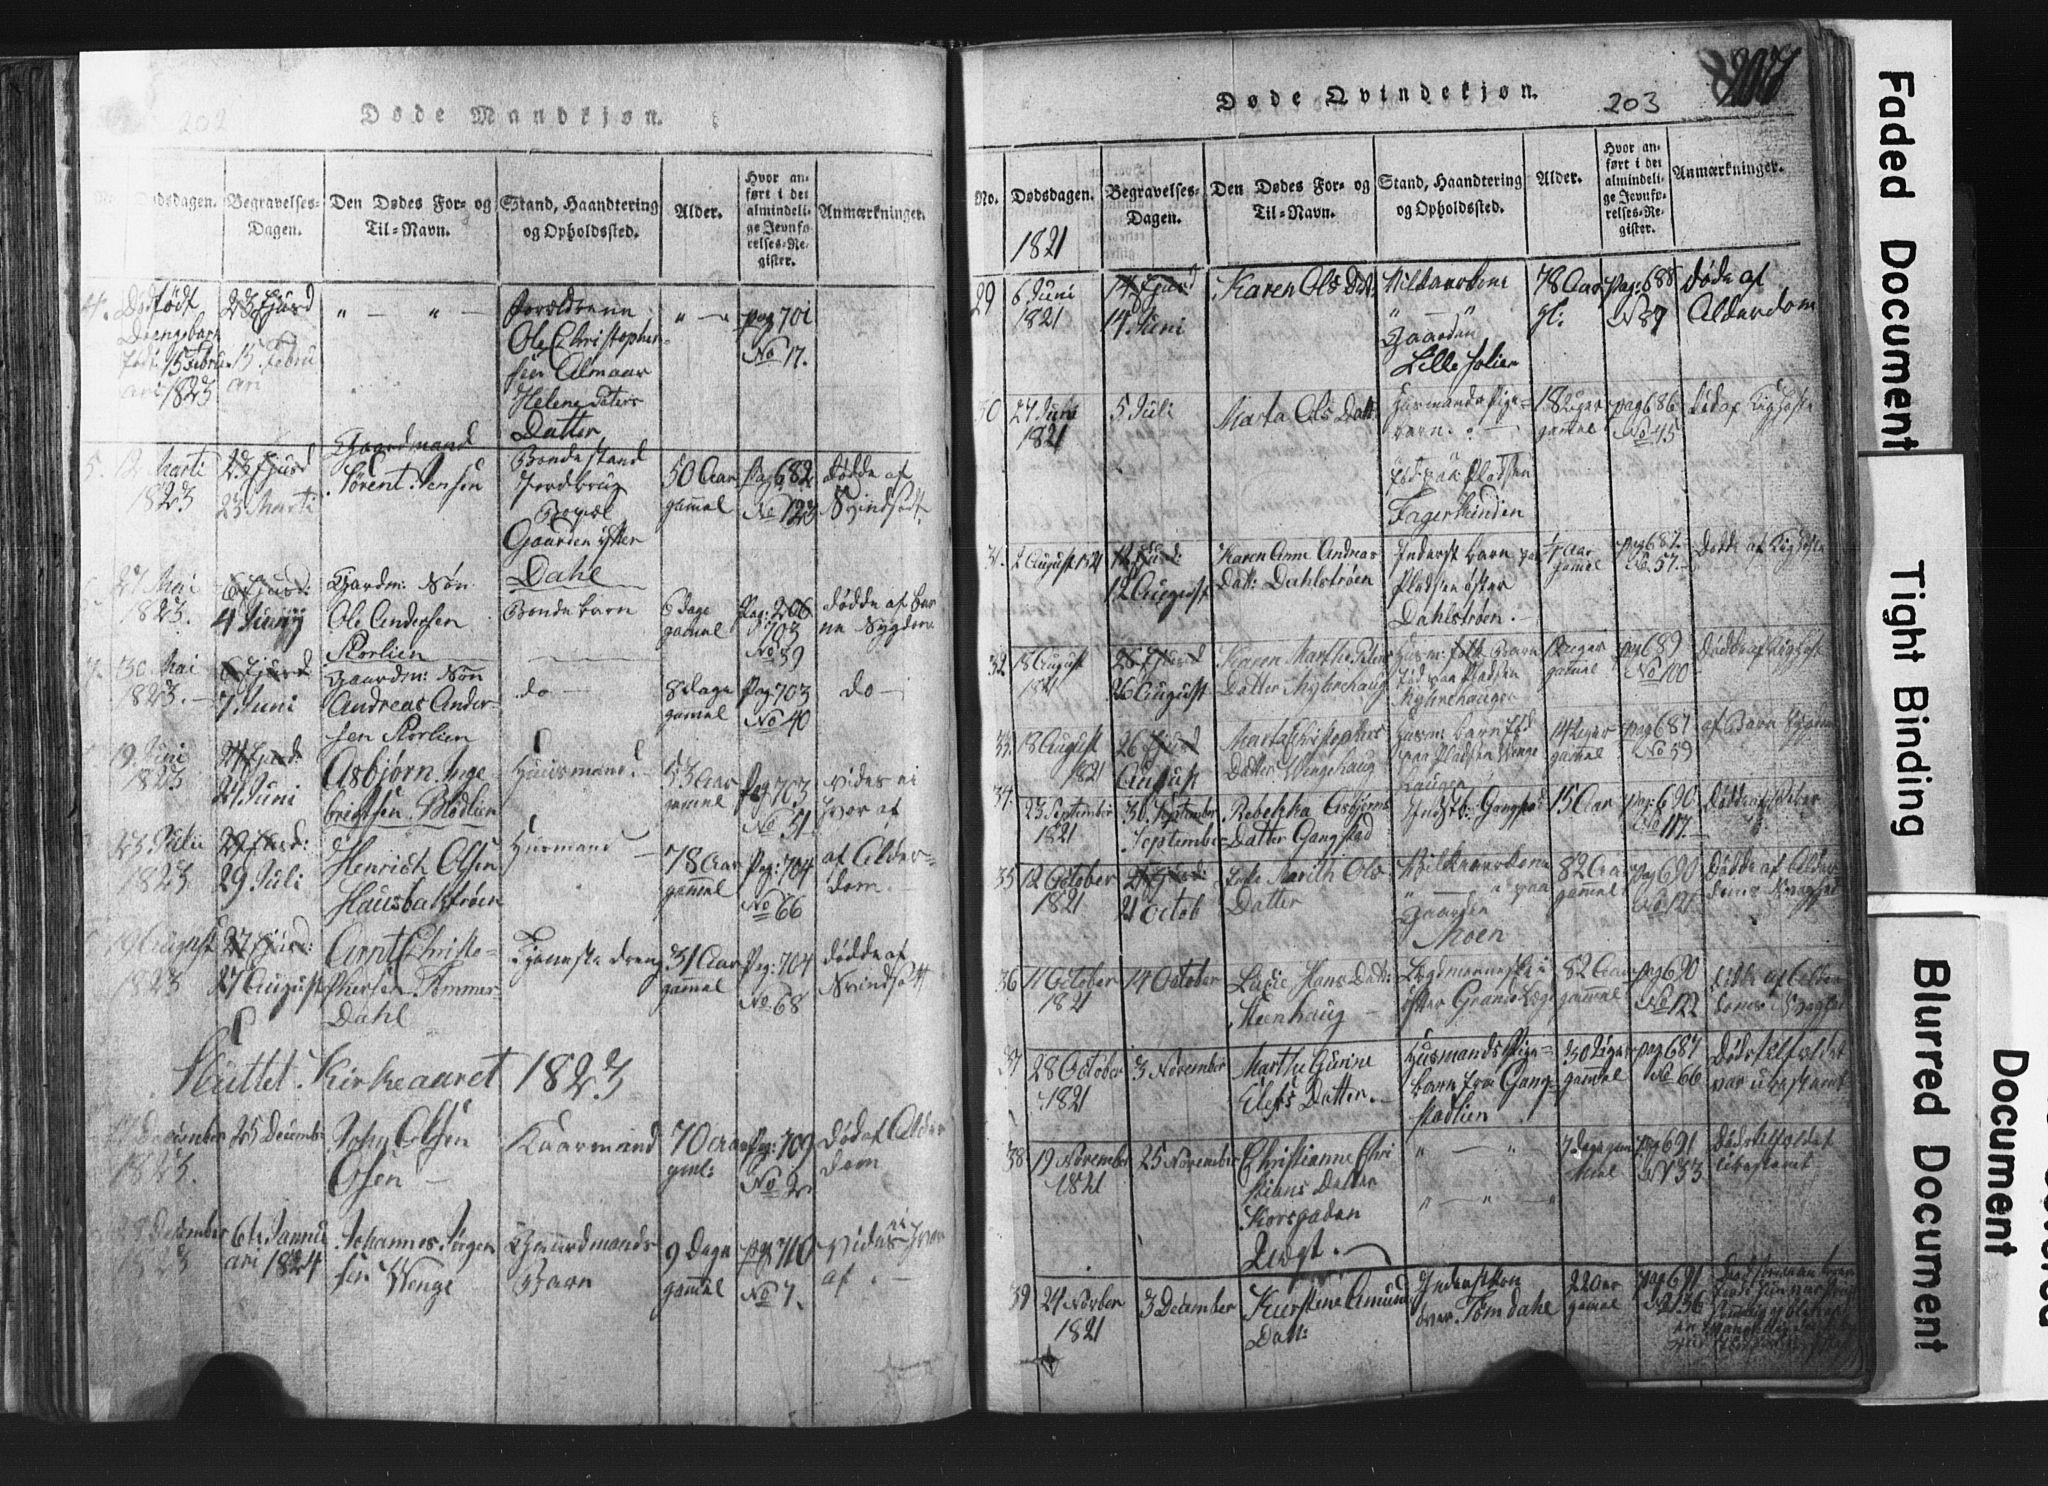 SAT, Ministerialprotokoller, klokkerbøker og fødselsregistre - Nord-Trøndelag, 701/L0017: Klokkerbok nr. 701C01, 1817-1825, s. 202-203